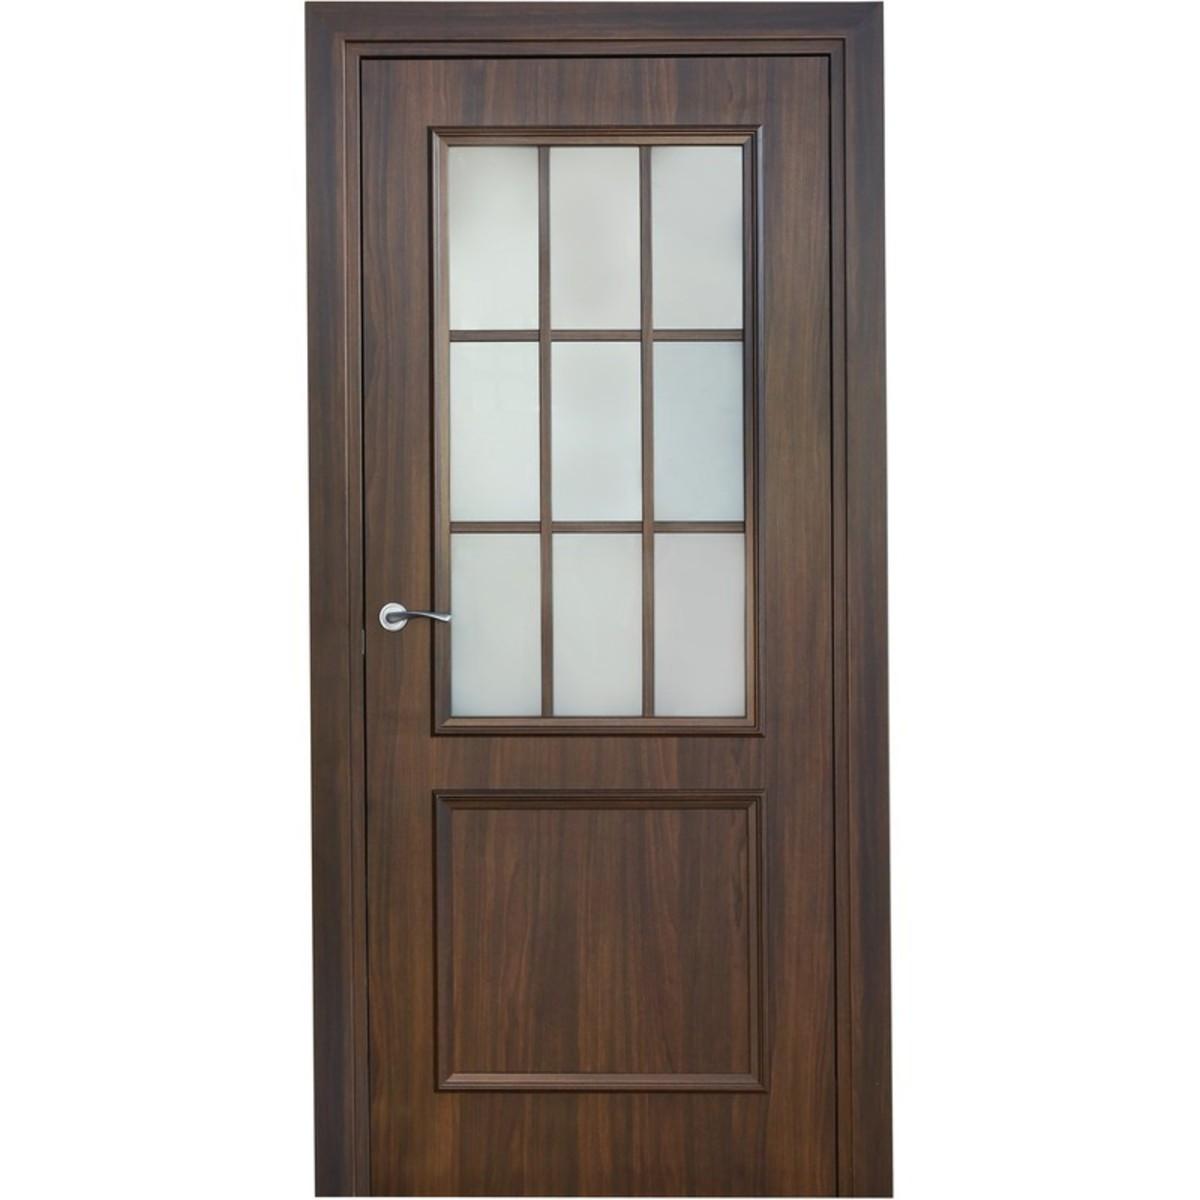 Дверь межкомнатная остеклённая Altro 60x200 см ламинация цвет орех Марроне